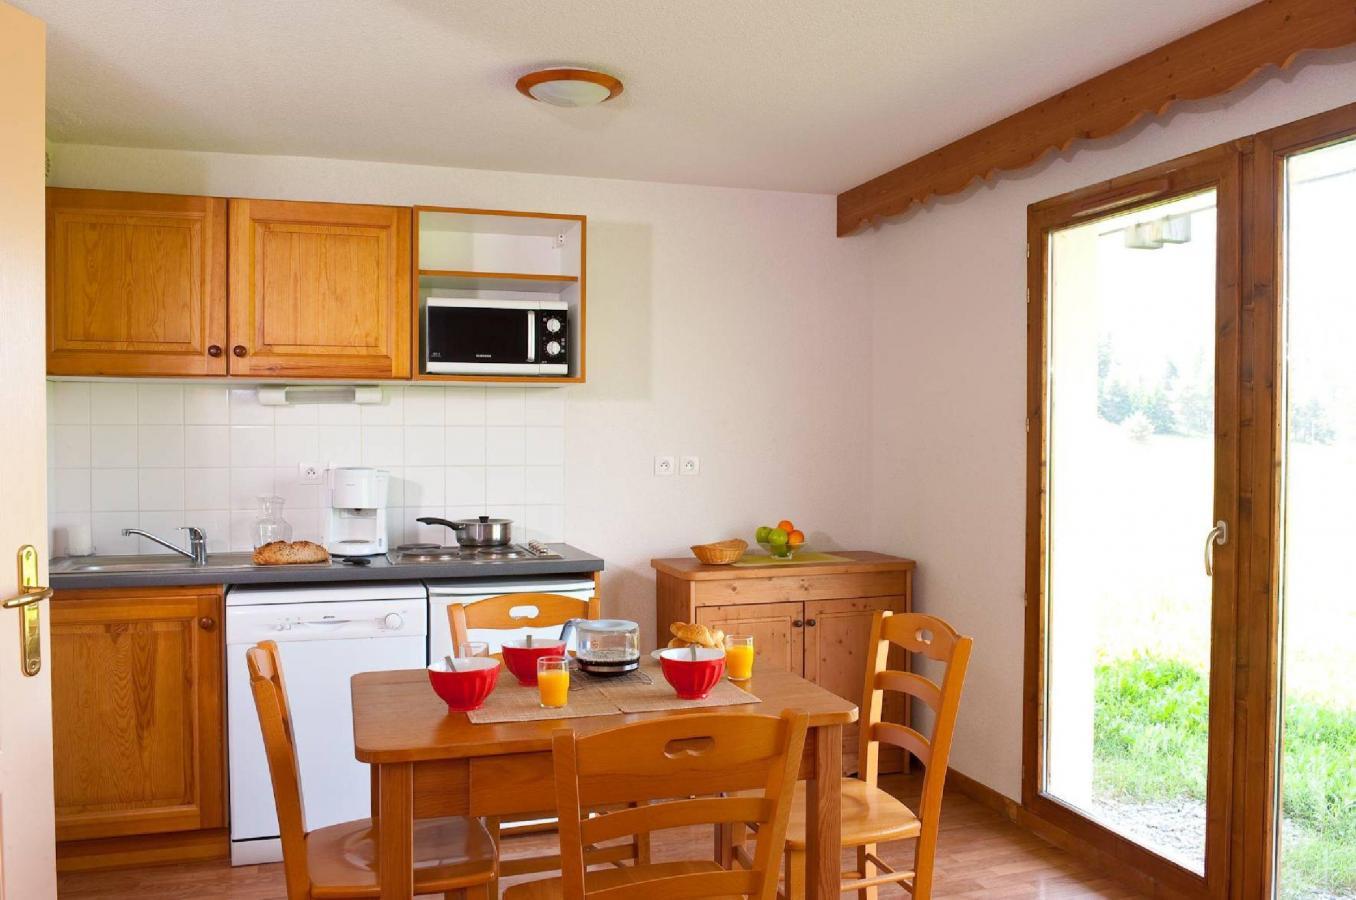 Location au ski Residence La Crete Du Berger - La Joue du Loup - Coin repas